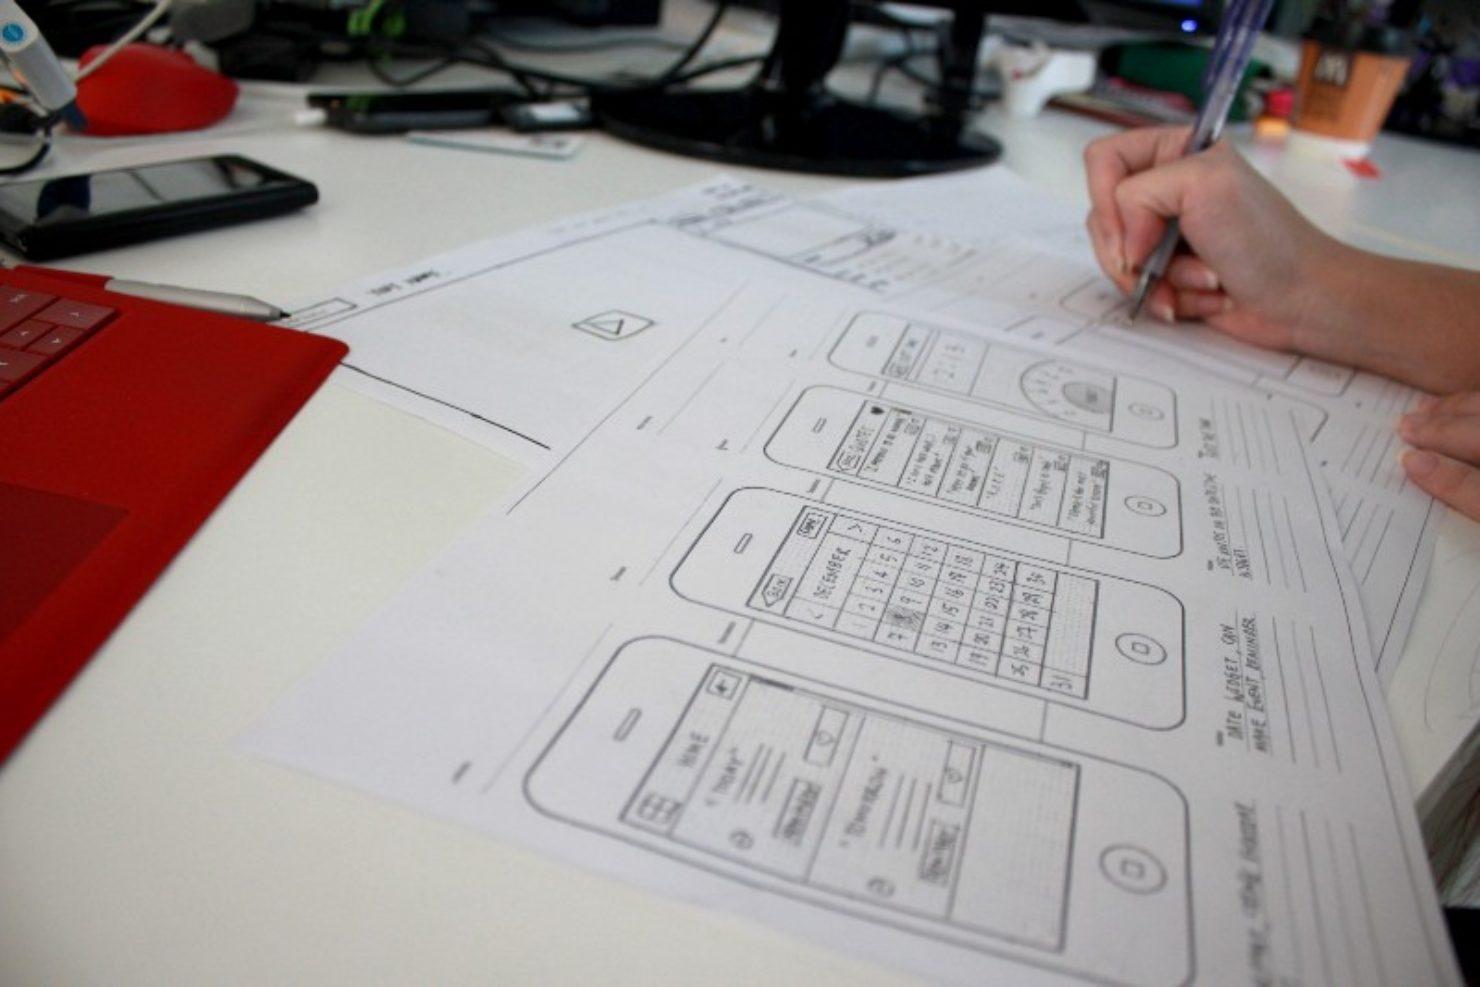 Статьи: UX vs UI vs IA vs IxD: что означают эти аббревиатуры?. Если ваш сайт или приложение окажутся для пользователя сложными, скорее всего, они разочаруются и перейдут на что-то другое